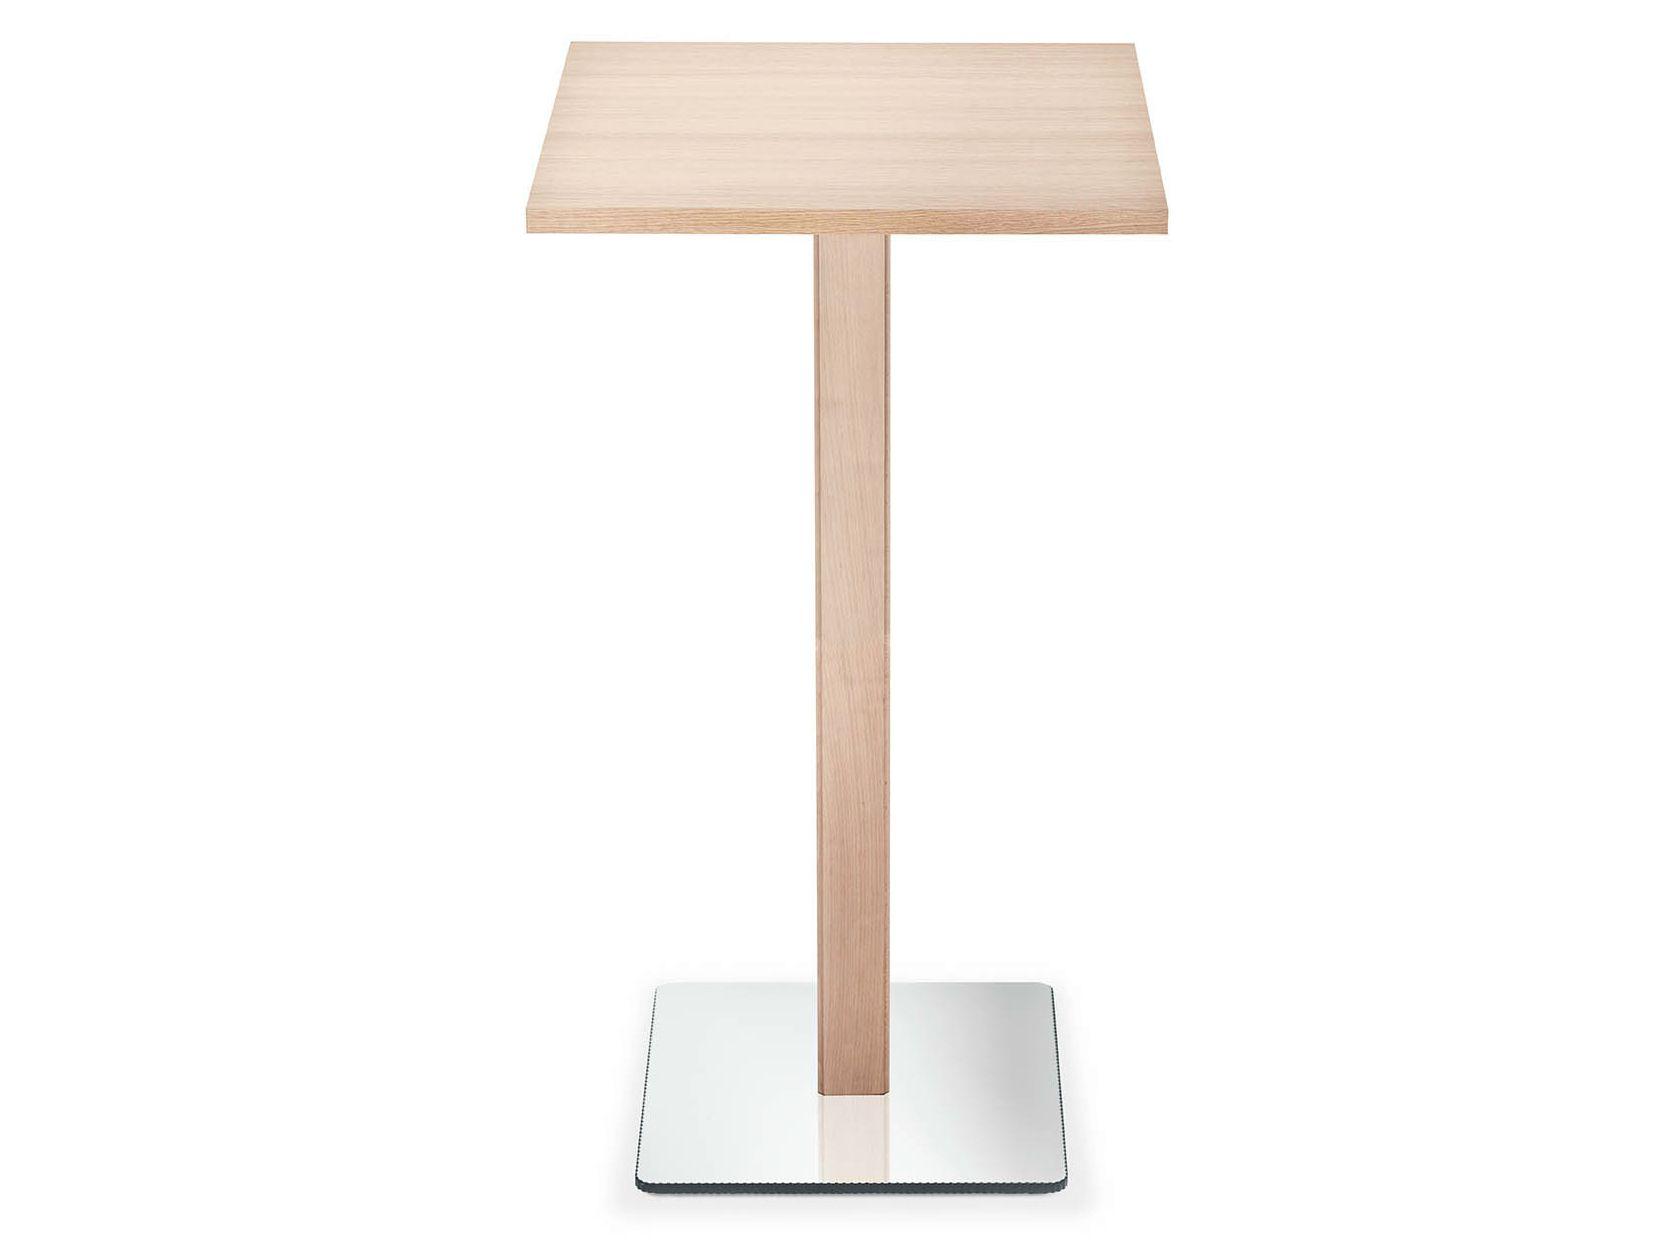 Tavolo alto in legno COMPOSIT  Tavolo alto - Midj